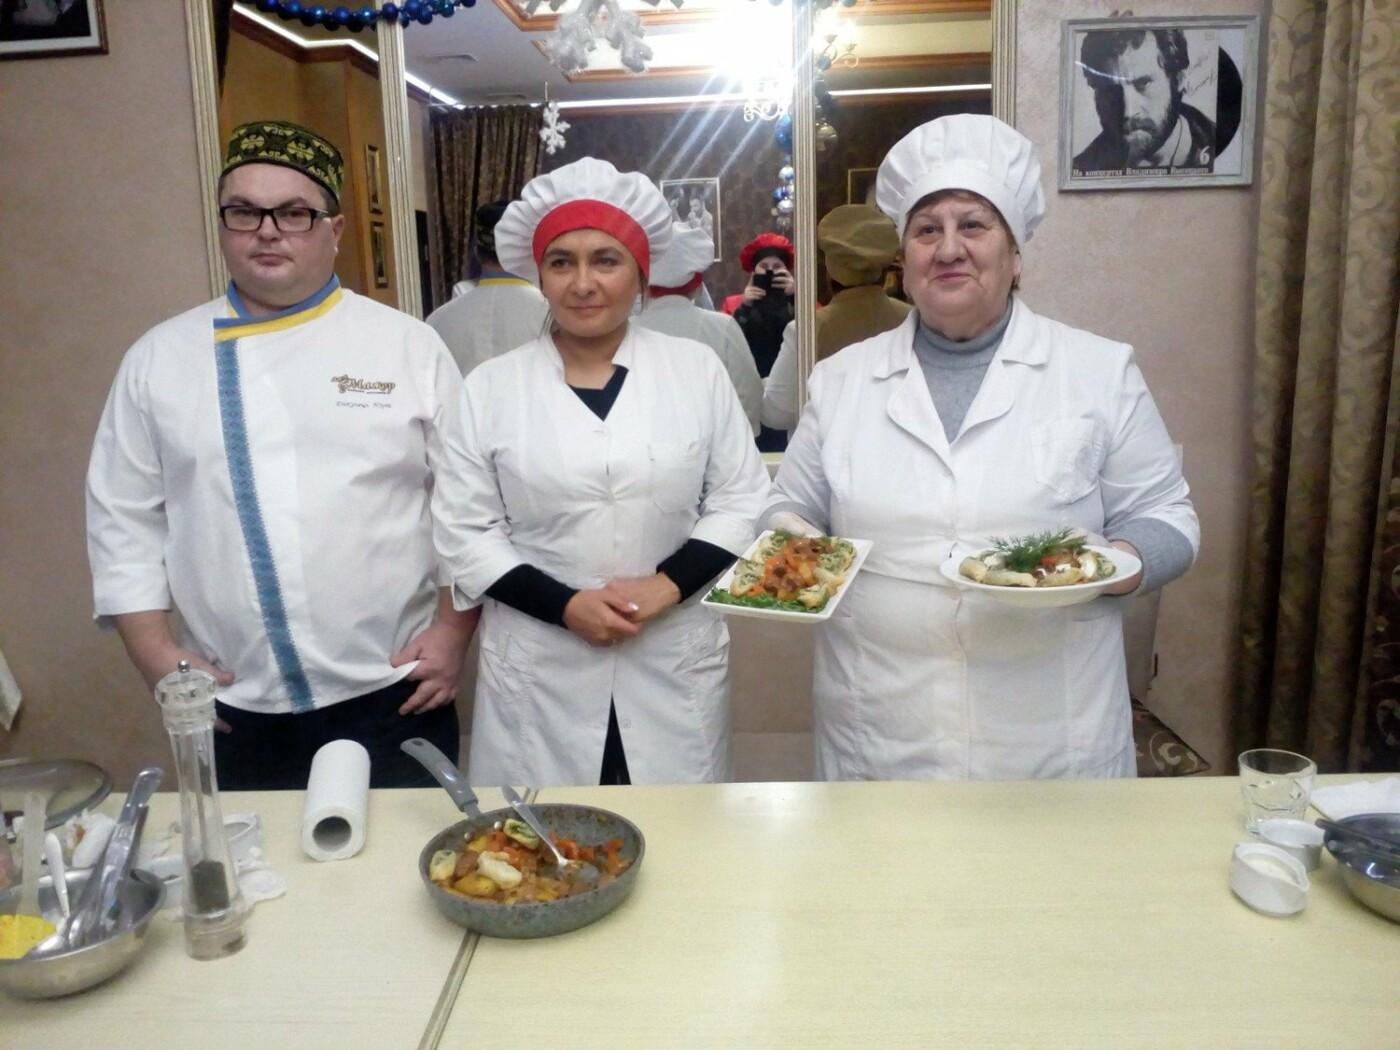 Студенти Подільського центру ПТО відвідали кулінарний майстер-клас у одному із ресторанів Кам'янця, фото-4